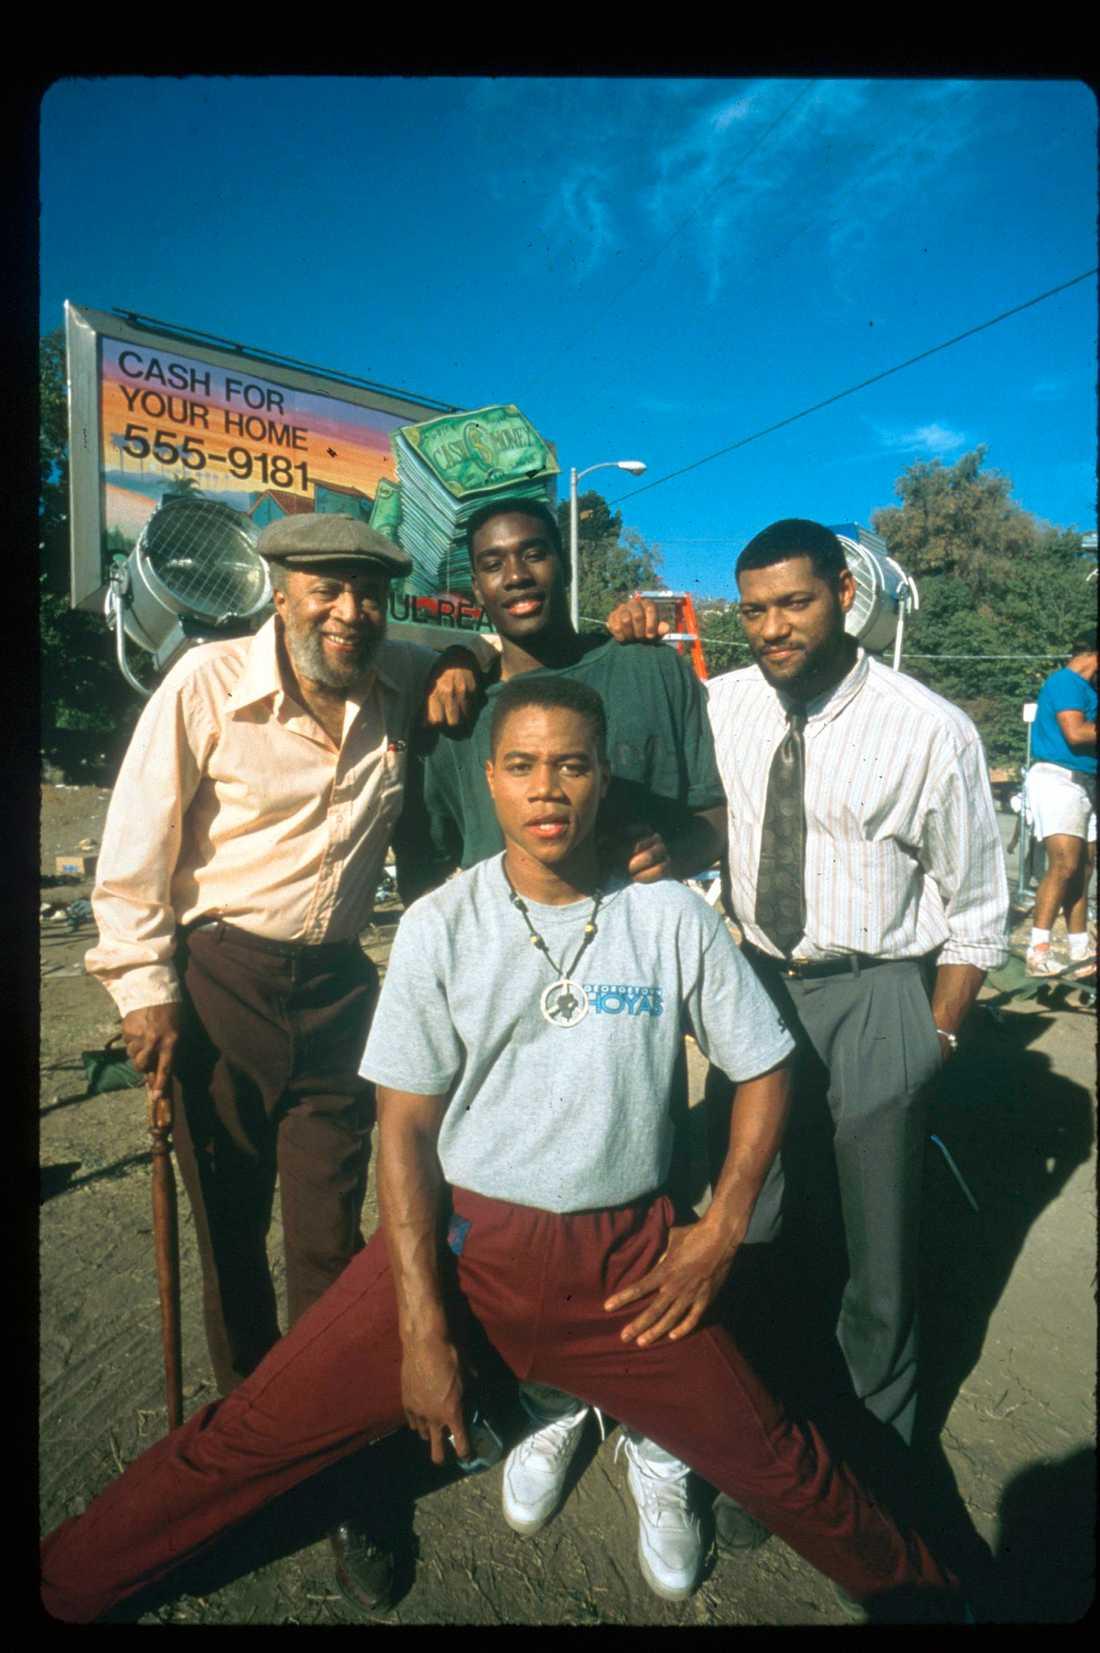 """Ur filmen """"Boyz n the hood""""."""